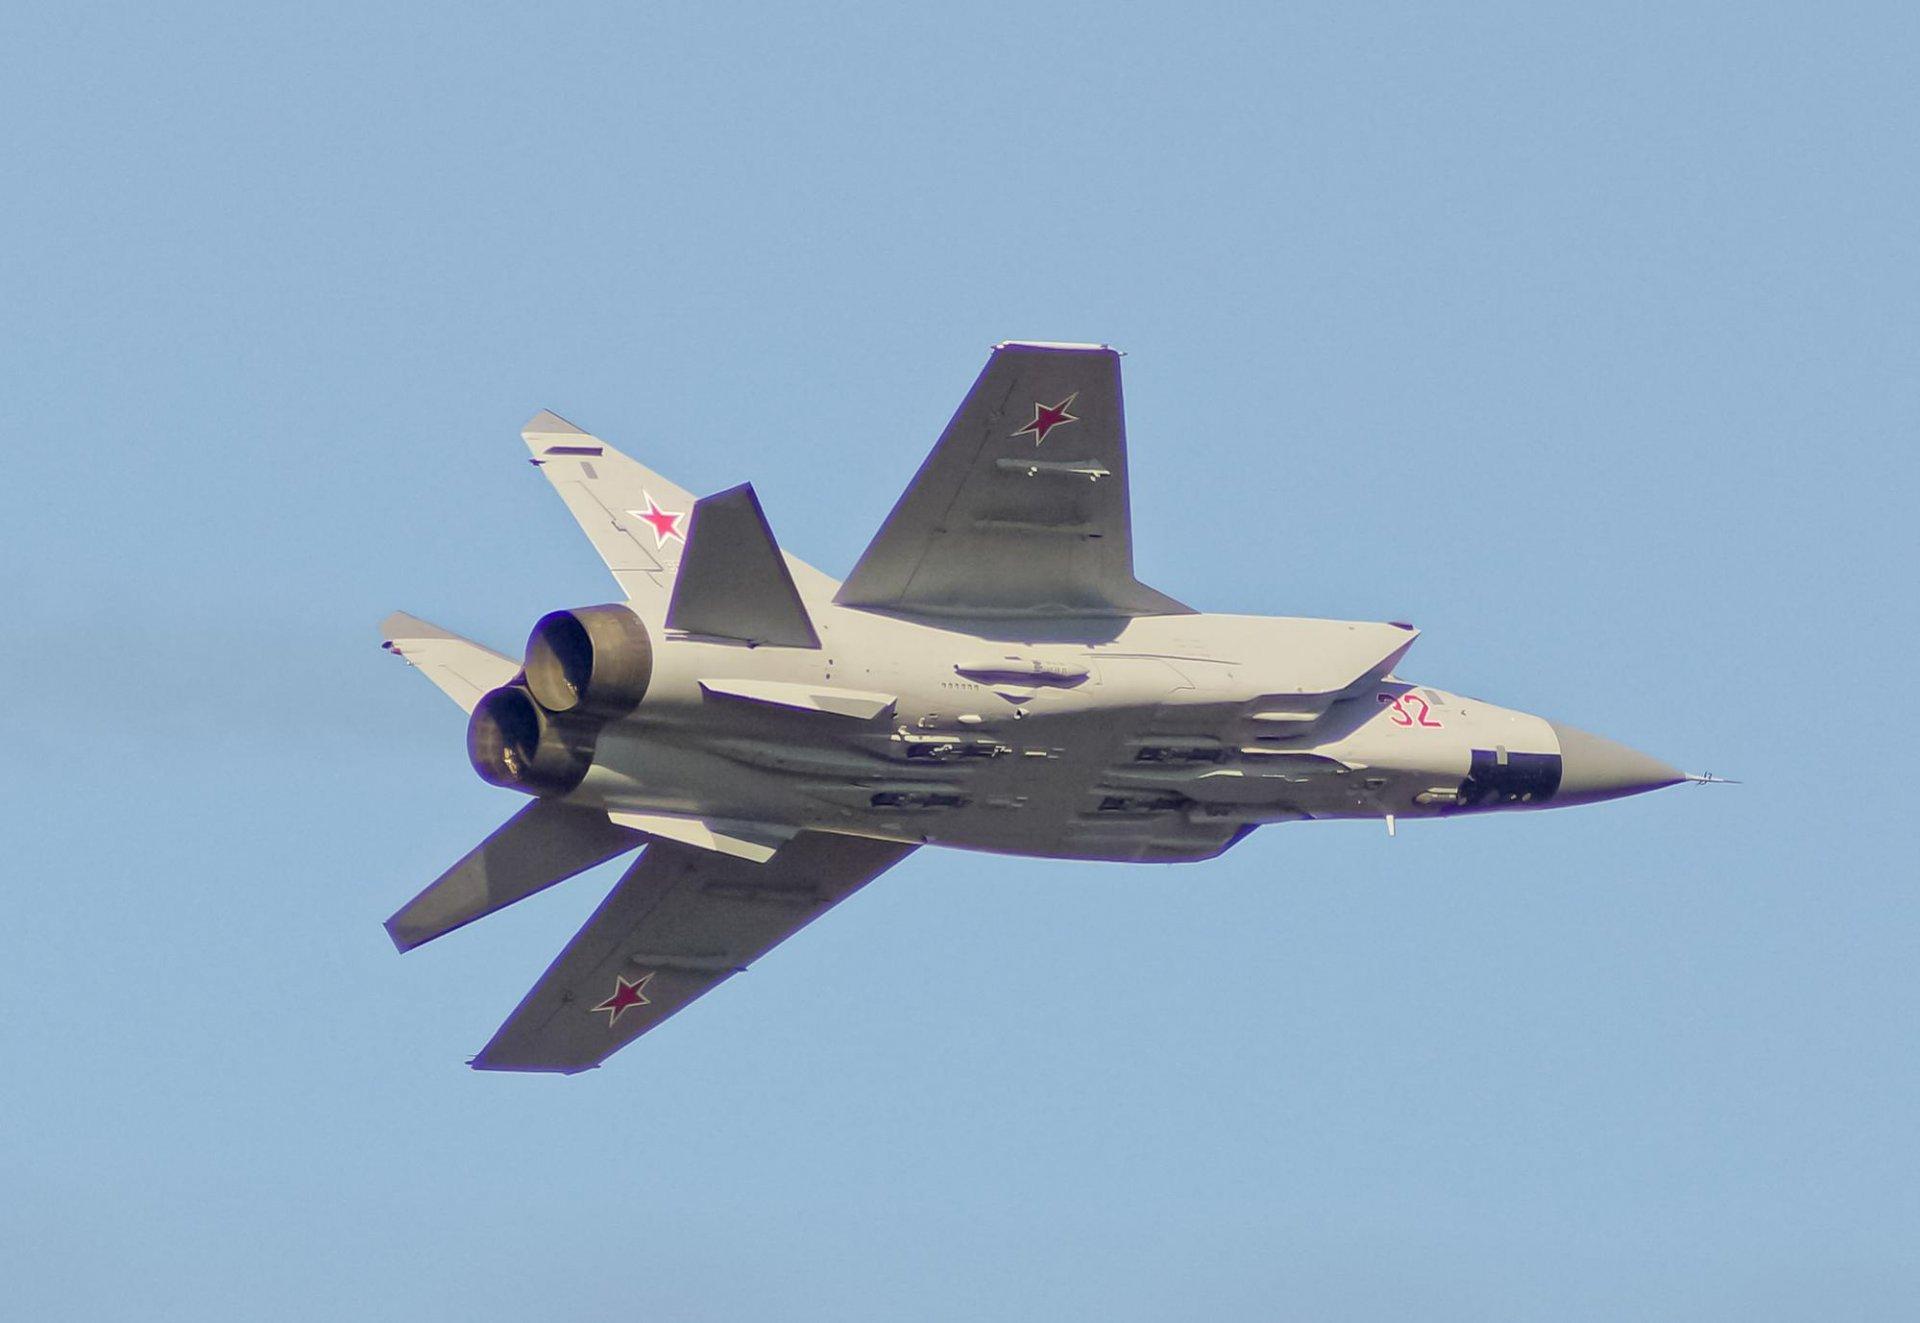 Обои миг-31, ввс, Микоян и гуревич, перехватчик, истребитель. Авиация foto 11